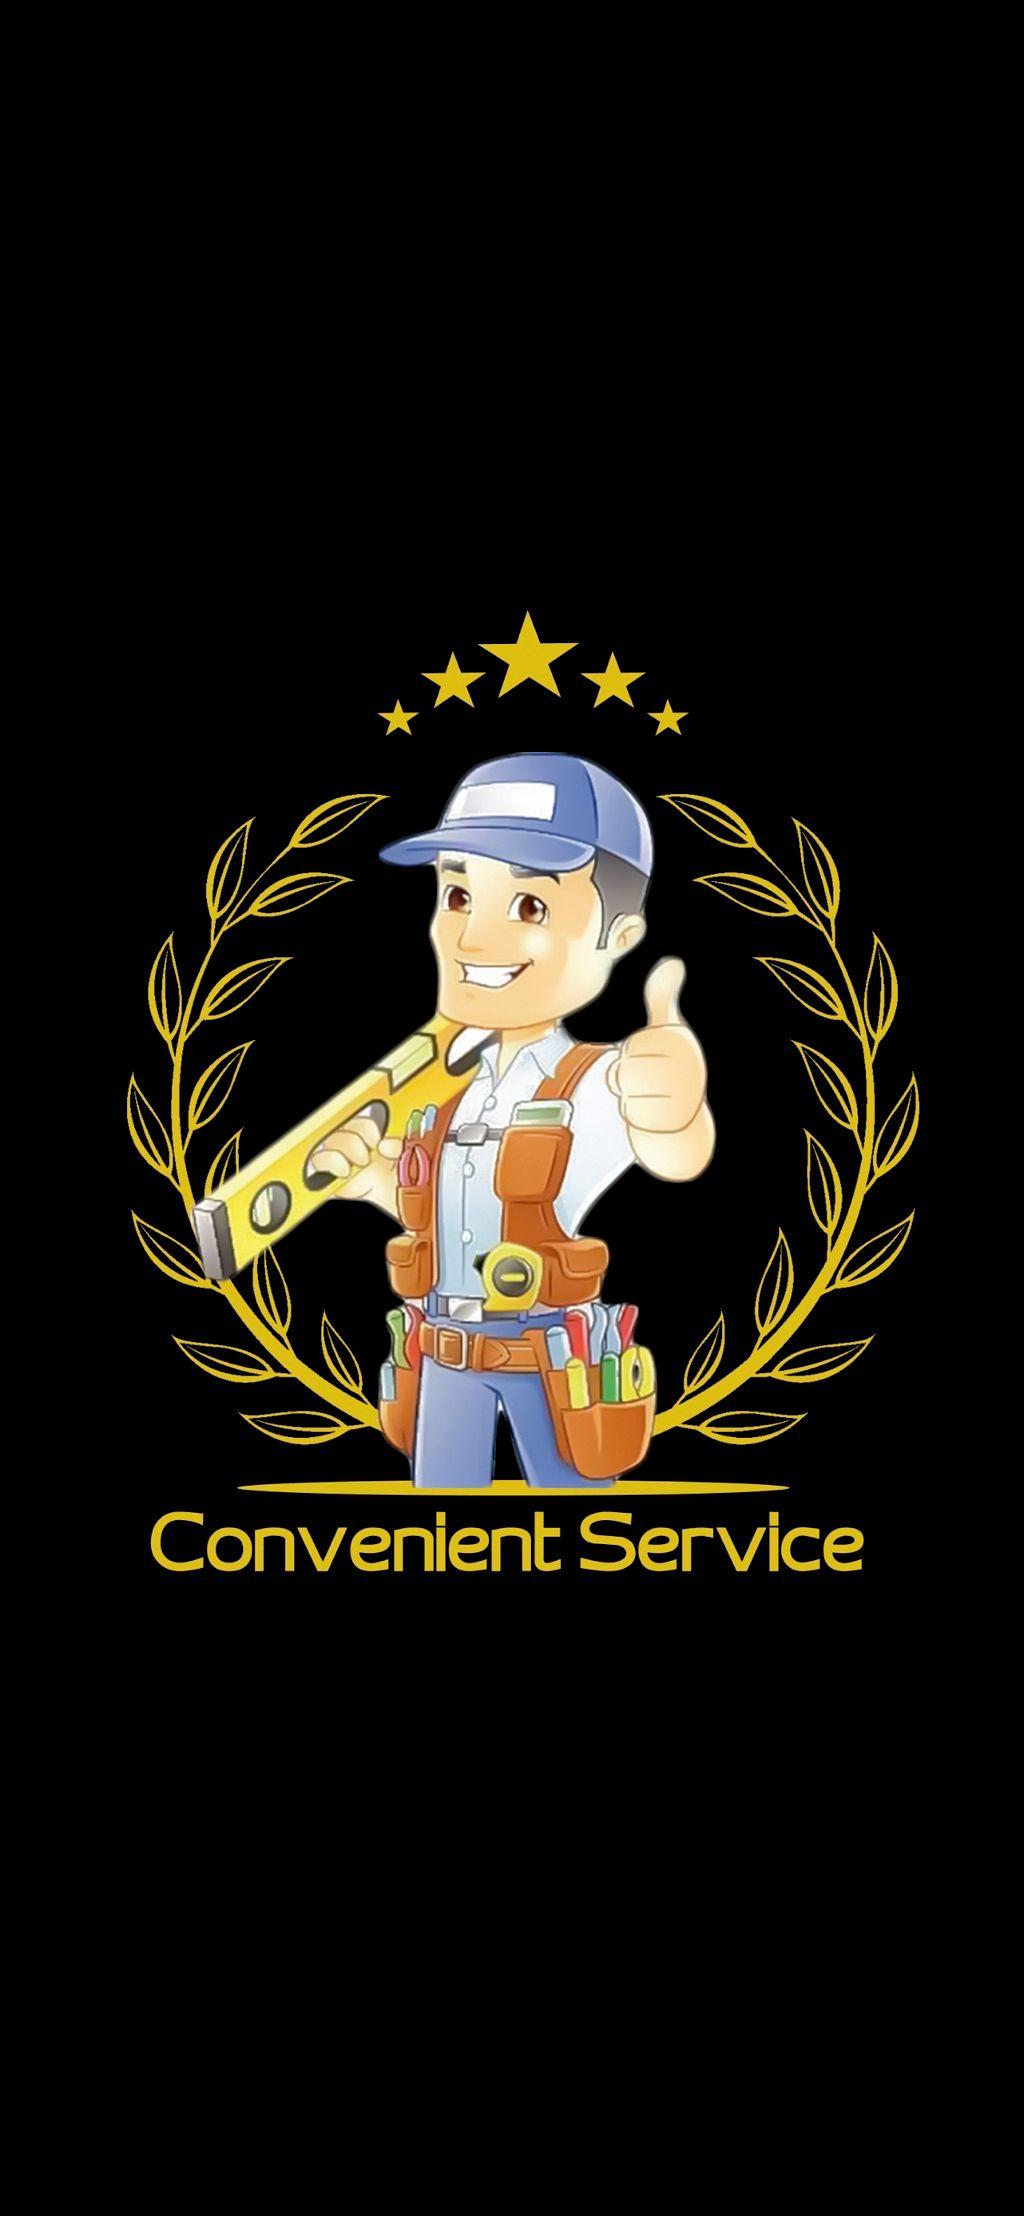 Convenient service